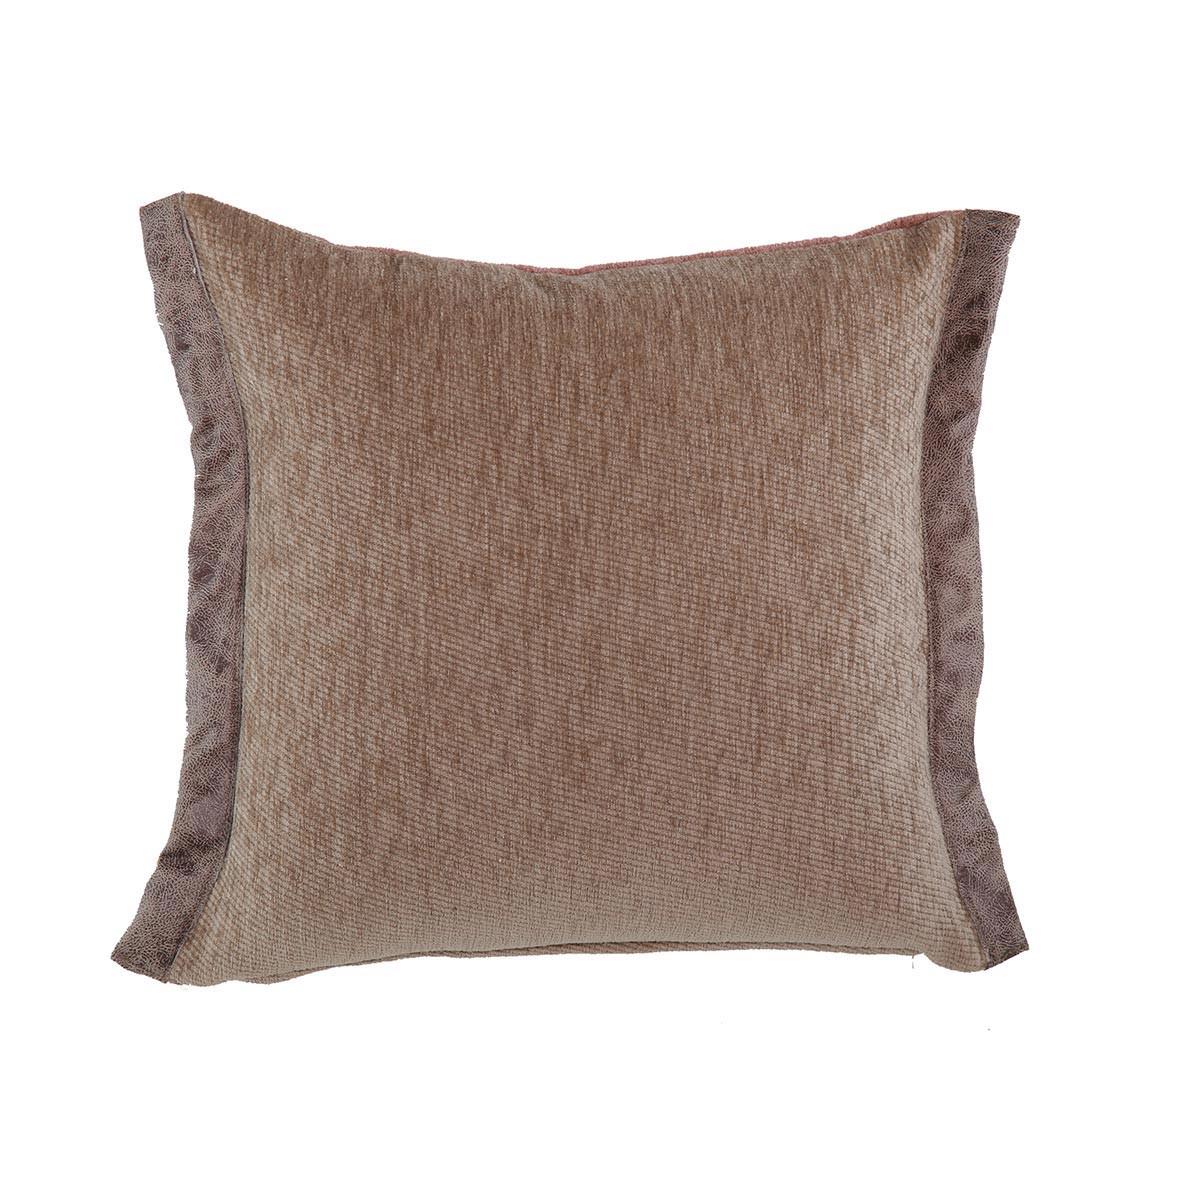 Διακοσμητικό Μαξιλάρι (45×45) Nef-Nef New Tanger Brown/Beige